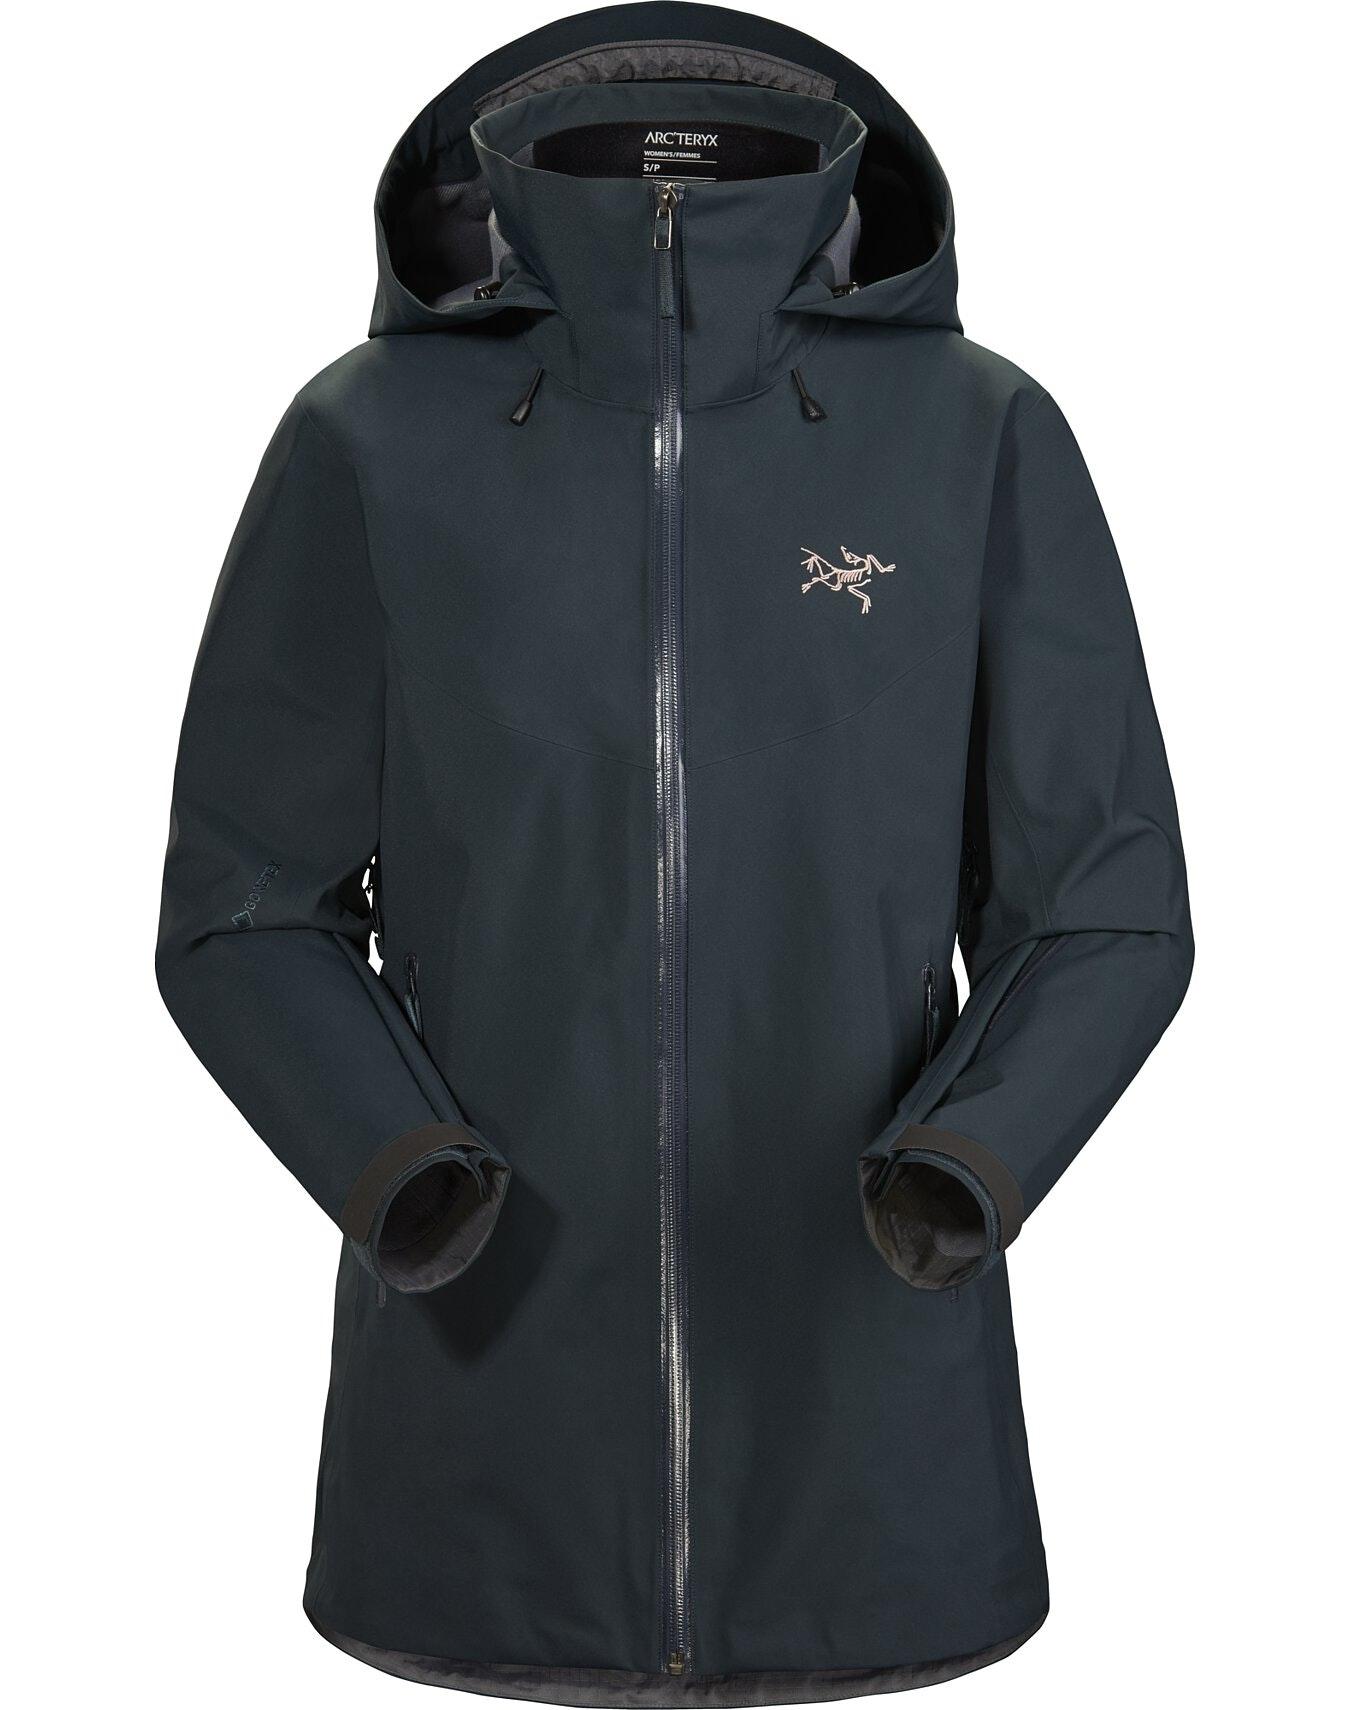 Ravenna LT Jacket Enigma